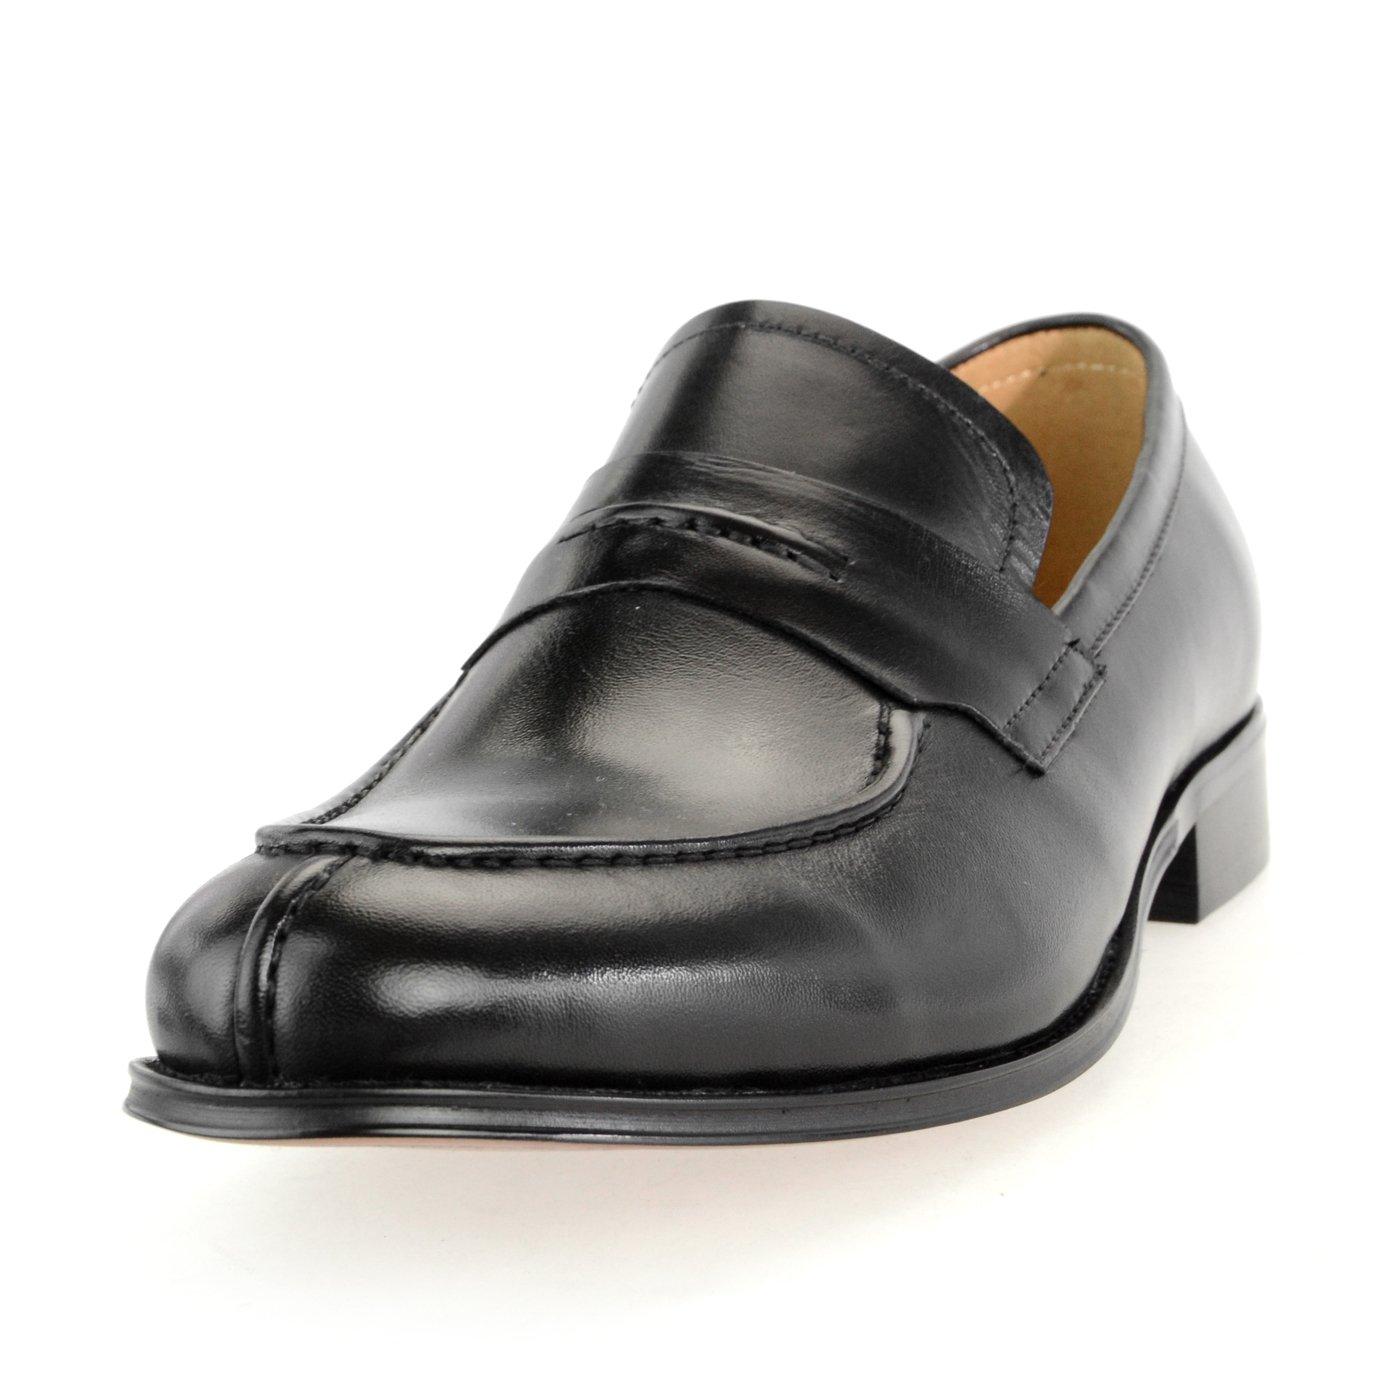 [ルシウス] LUCIUS 20種類から選ぶ 牛革 革靴 スリッポン ローファー クロコダイル 型押し タッセル カジュアル ビット メンズ ビジネス B076DPG6NJ 26.0 cm 3E|628-39 ブラック 628-39 ブラック 26.0 cm 3E